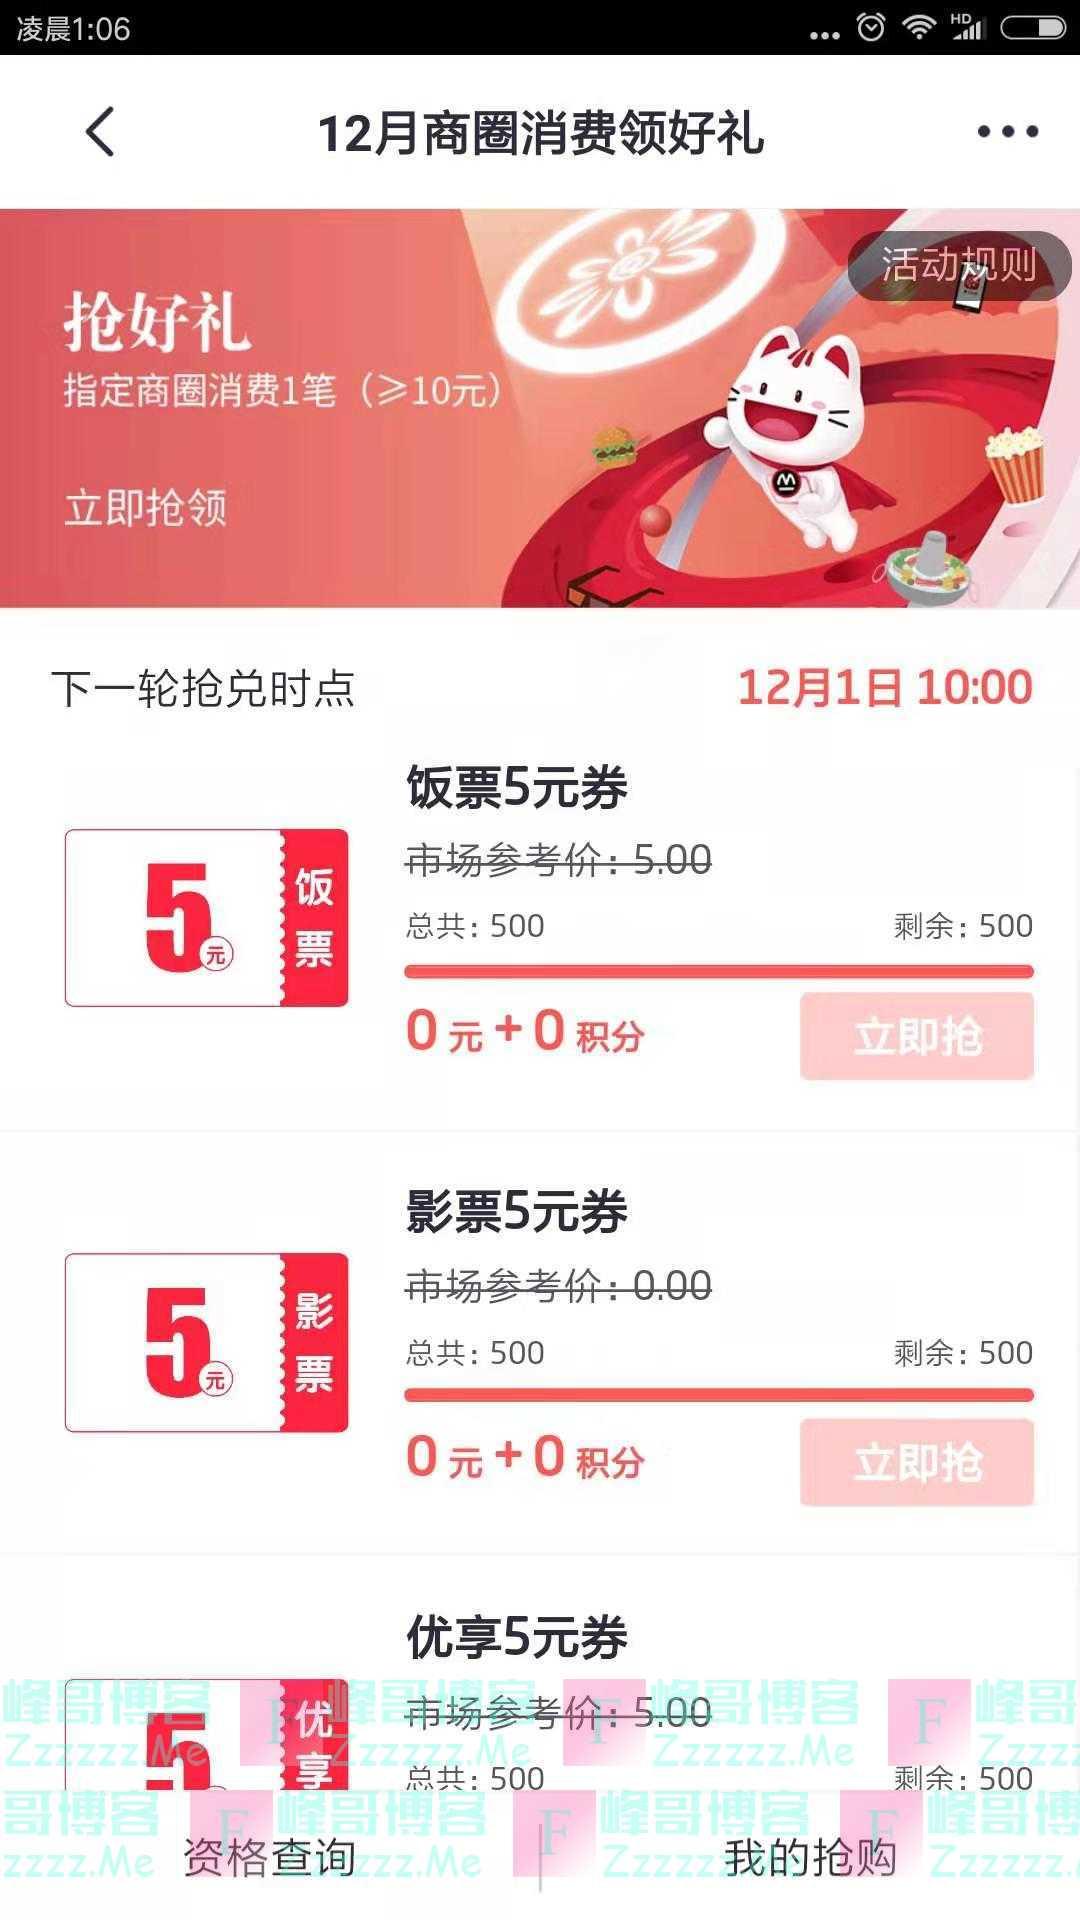 掌上生活12月商圈消费领好礼(截止1月3日)